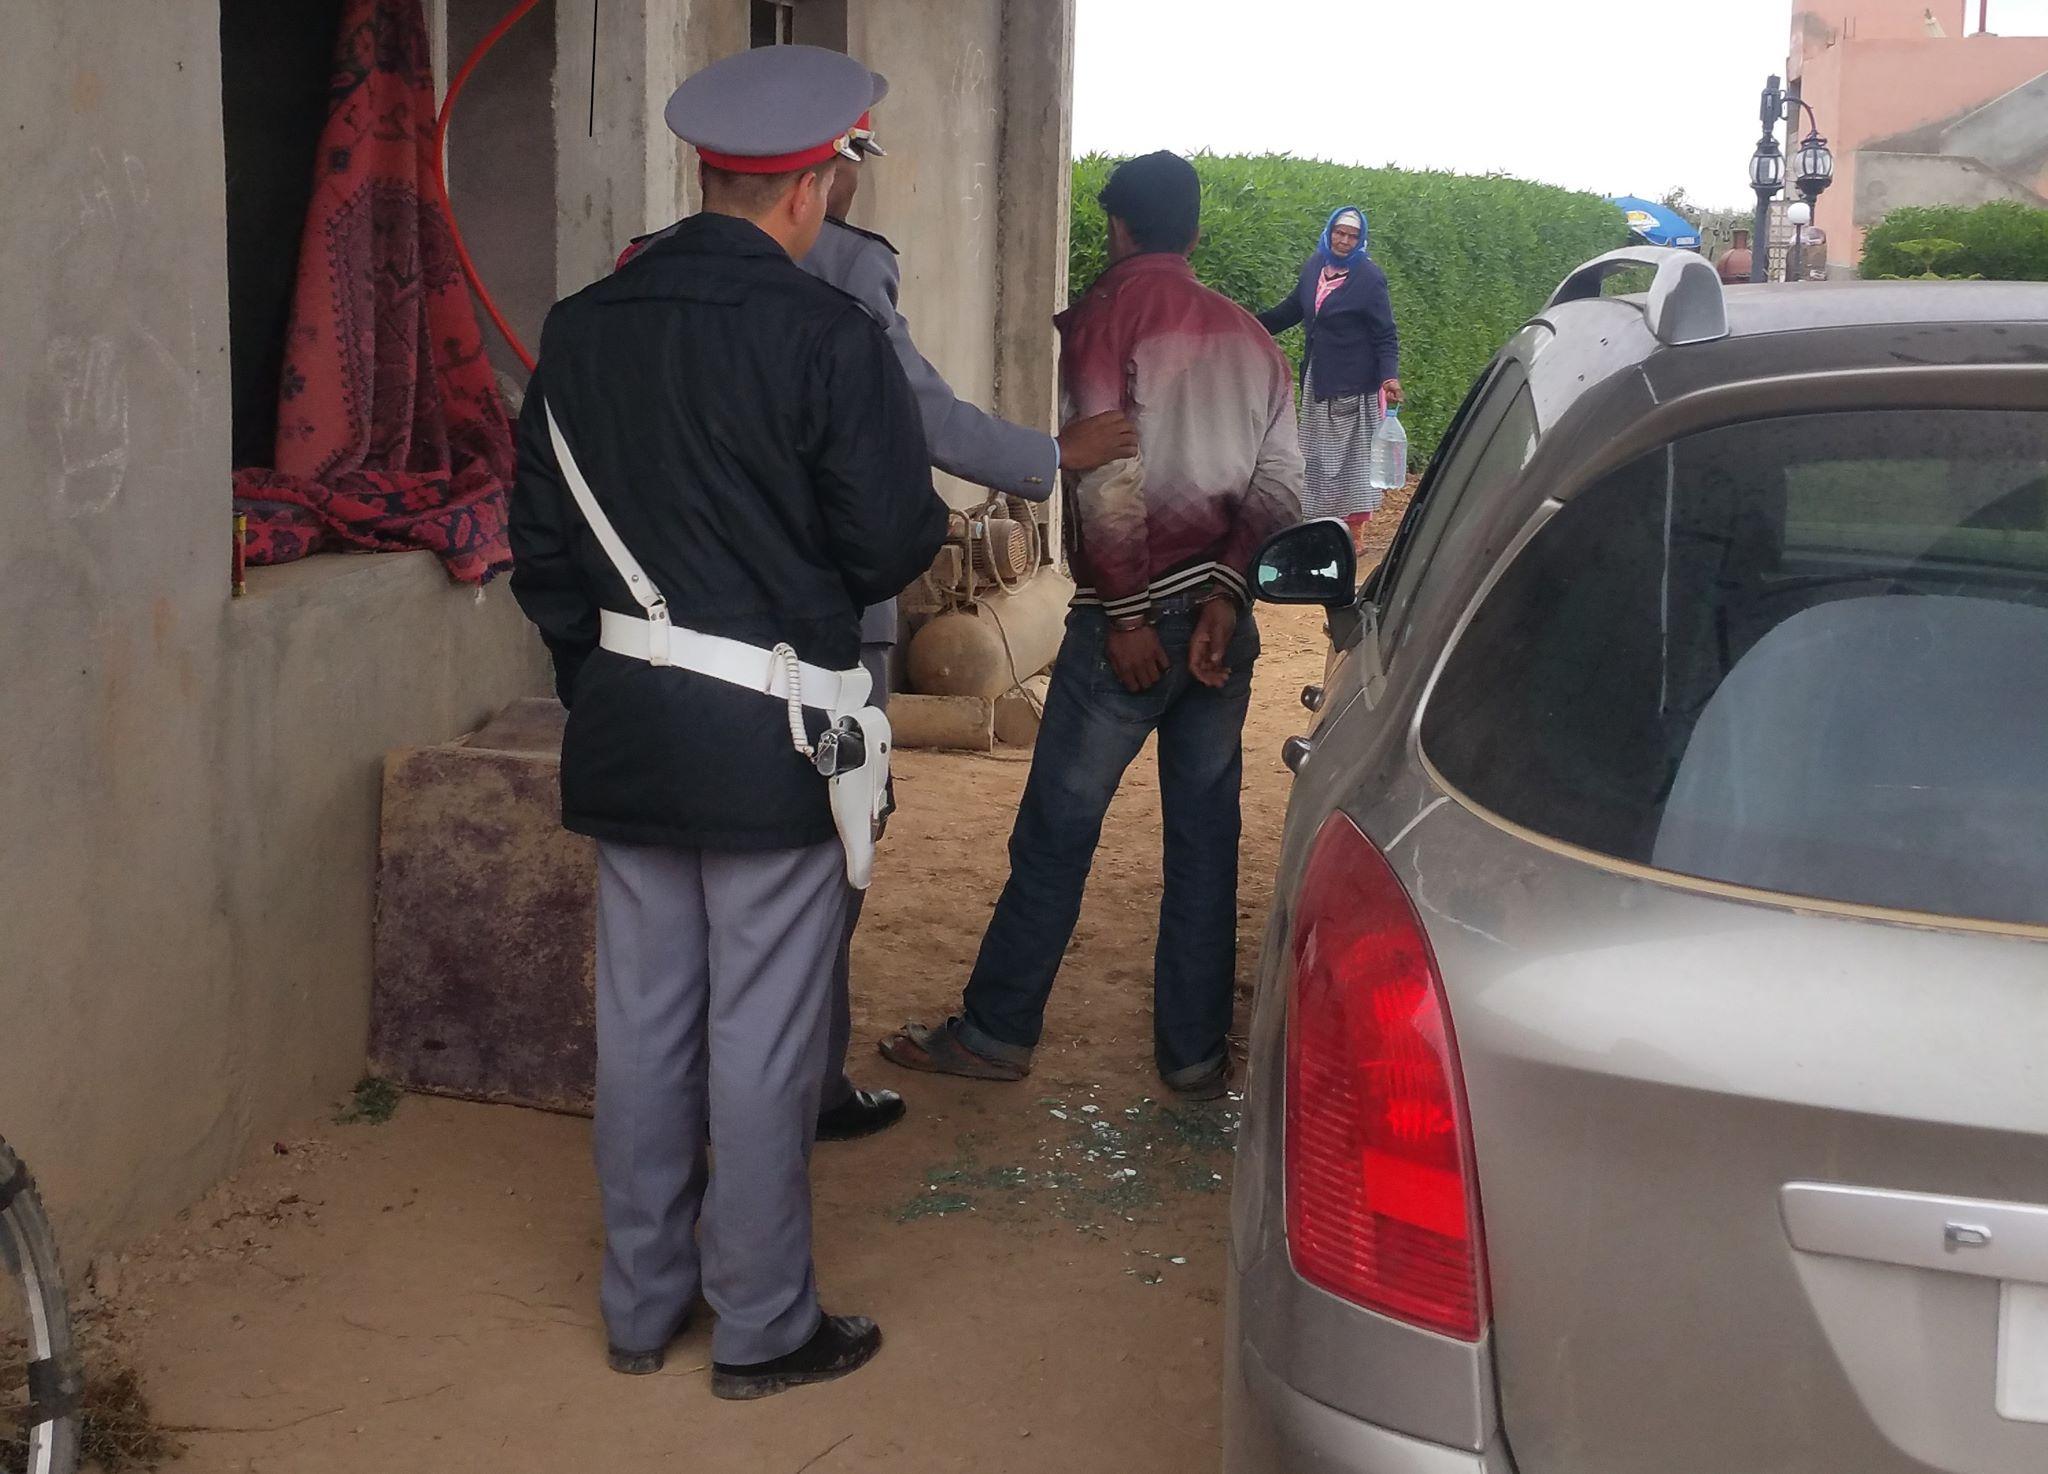 اعتقال عضو جماعي هاجم دورية للسلطة المحلية بالأسلحة البيضاء والهراوات والحجارة